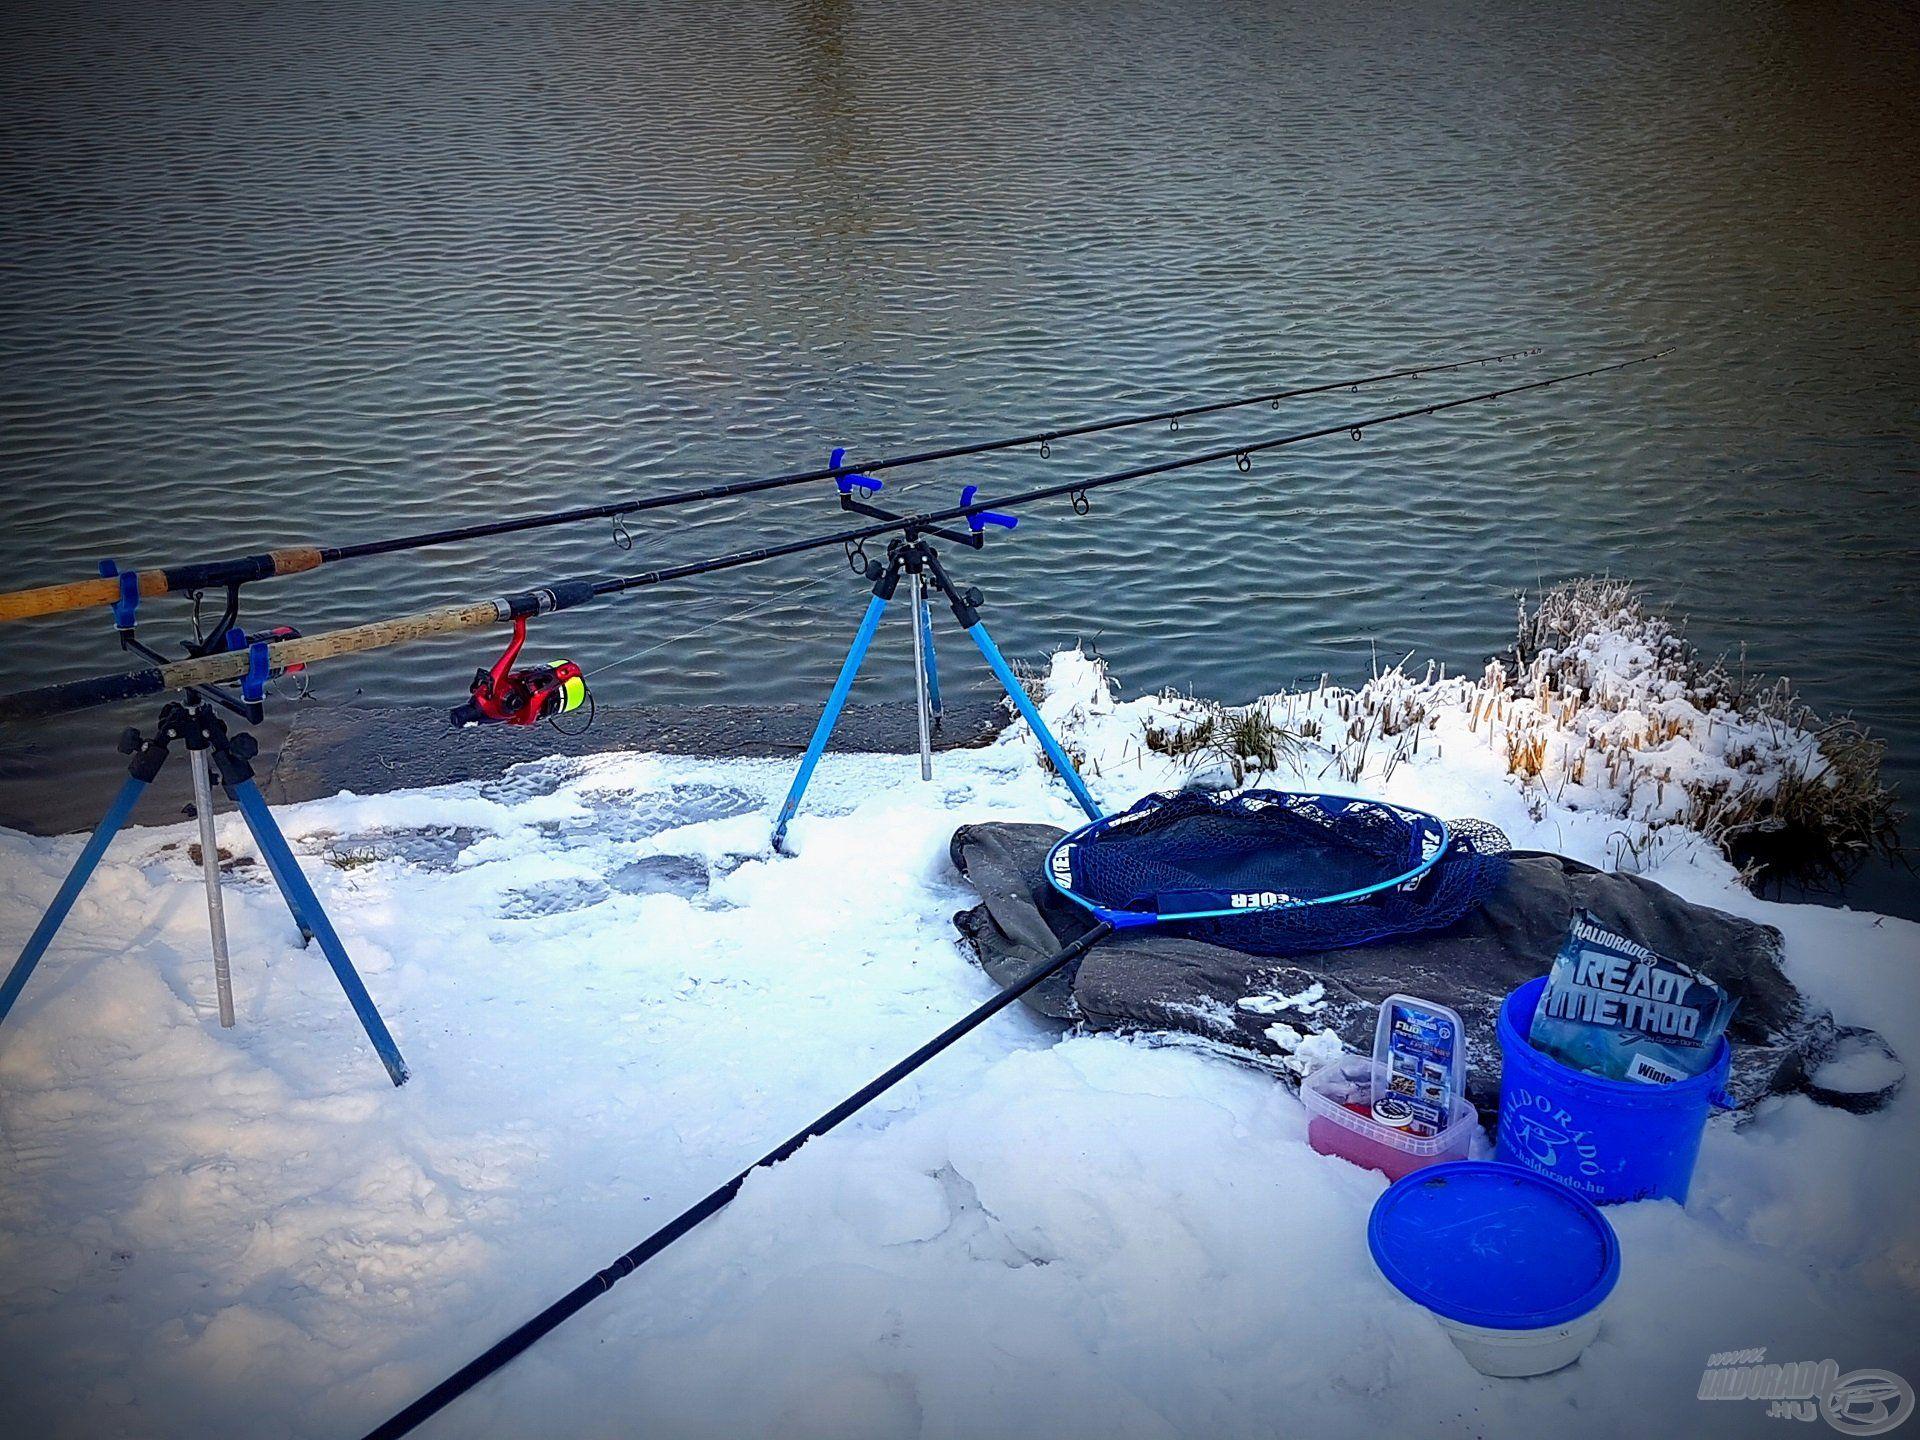 A -10 fok alatti zord idő sem tántorított el a horgászattól! A Préri Horgásztó és Szabadidőközpont kisebb tavai közül legalább az egyik egész évben jégmentes